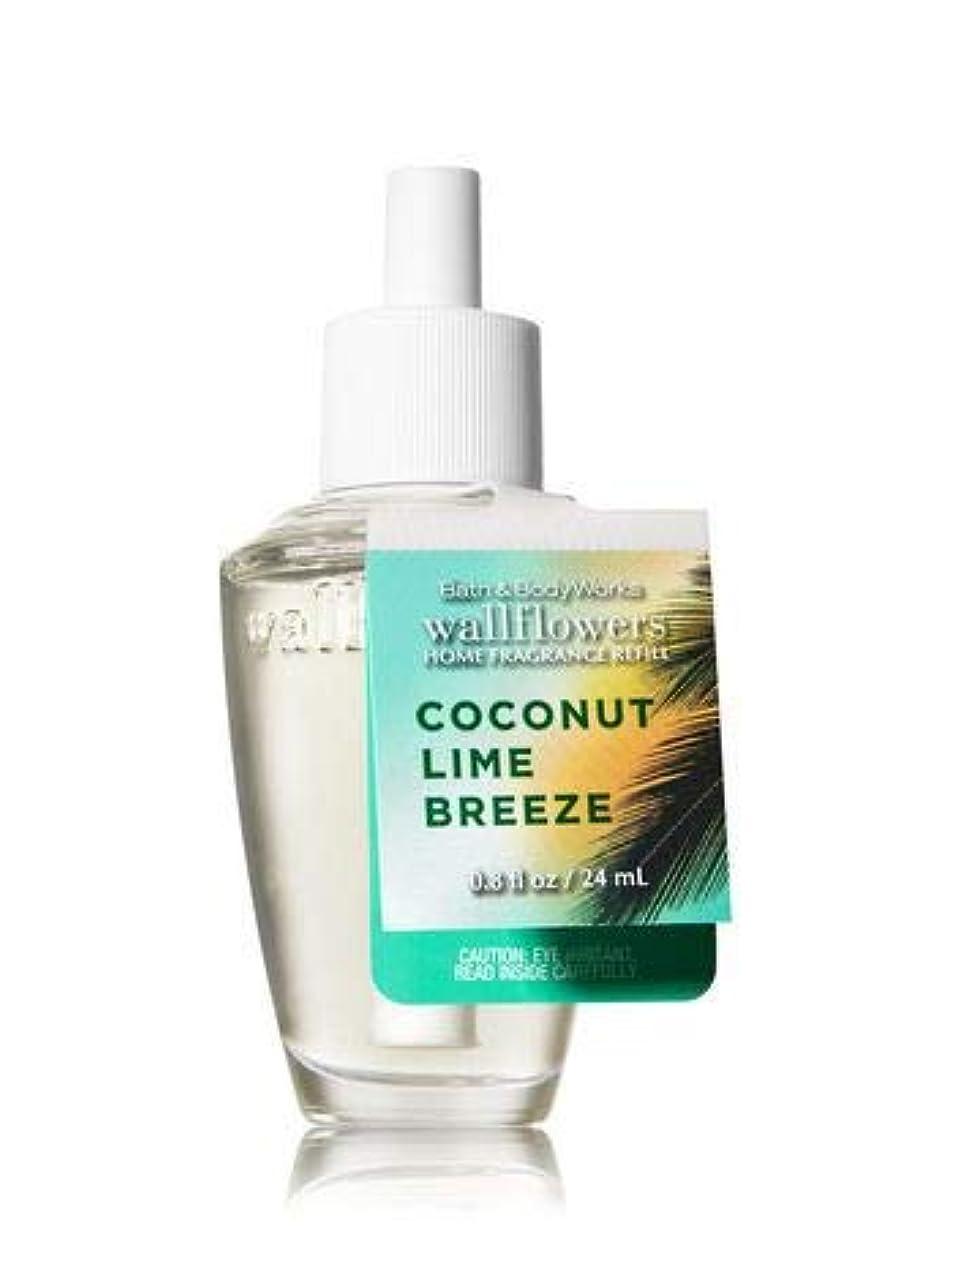 若者矩形リード【Bath&Body Works/バス&ボディワークス】 ルームフレグランス 詰替えリフィル ココナッツライムブリーズ Wallflowers Home Fragrance Refill Coconut Lime Breeze [並行輸入品]